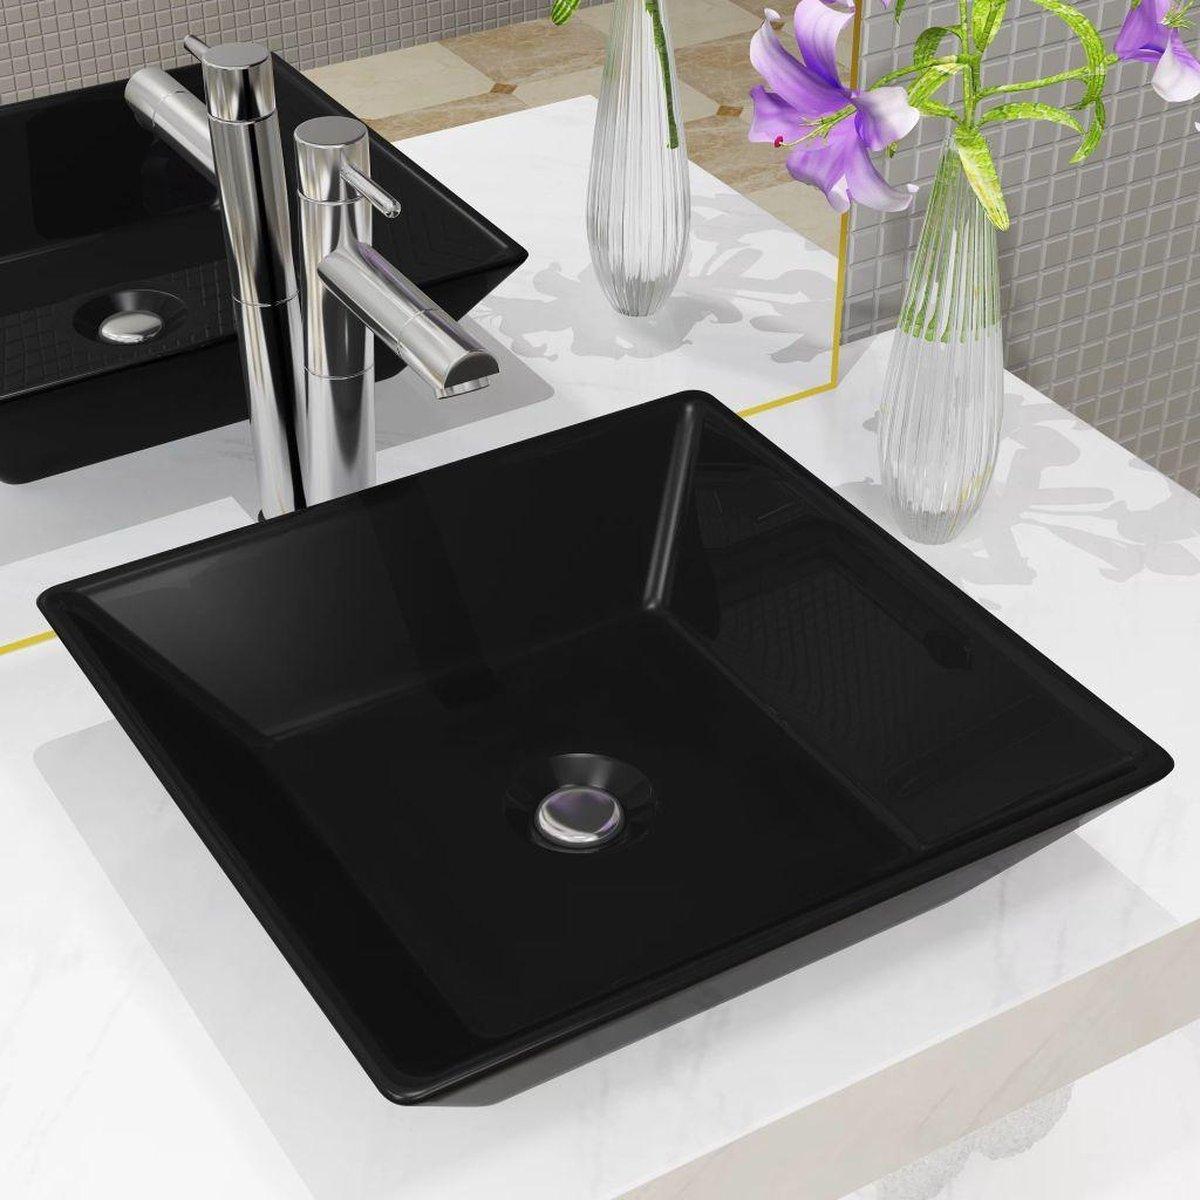 vidaXL Wastafel vierkant 41,5x41,5x12 cm keramiek zwart